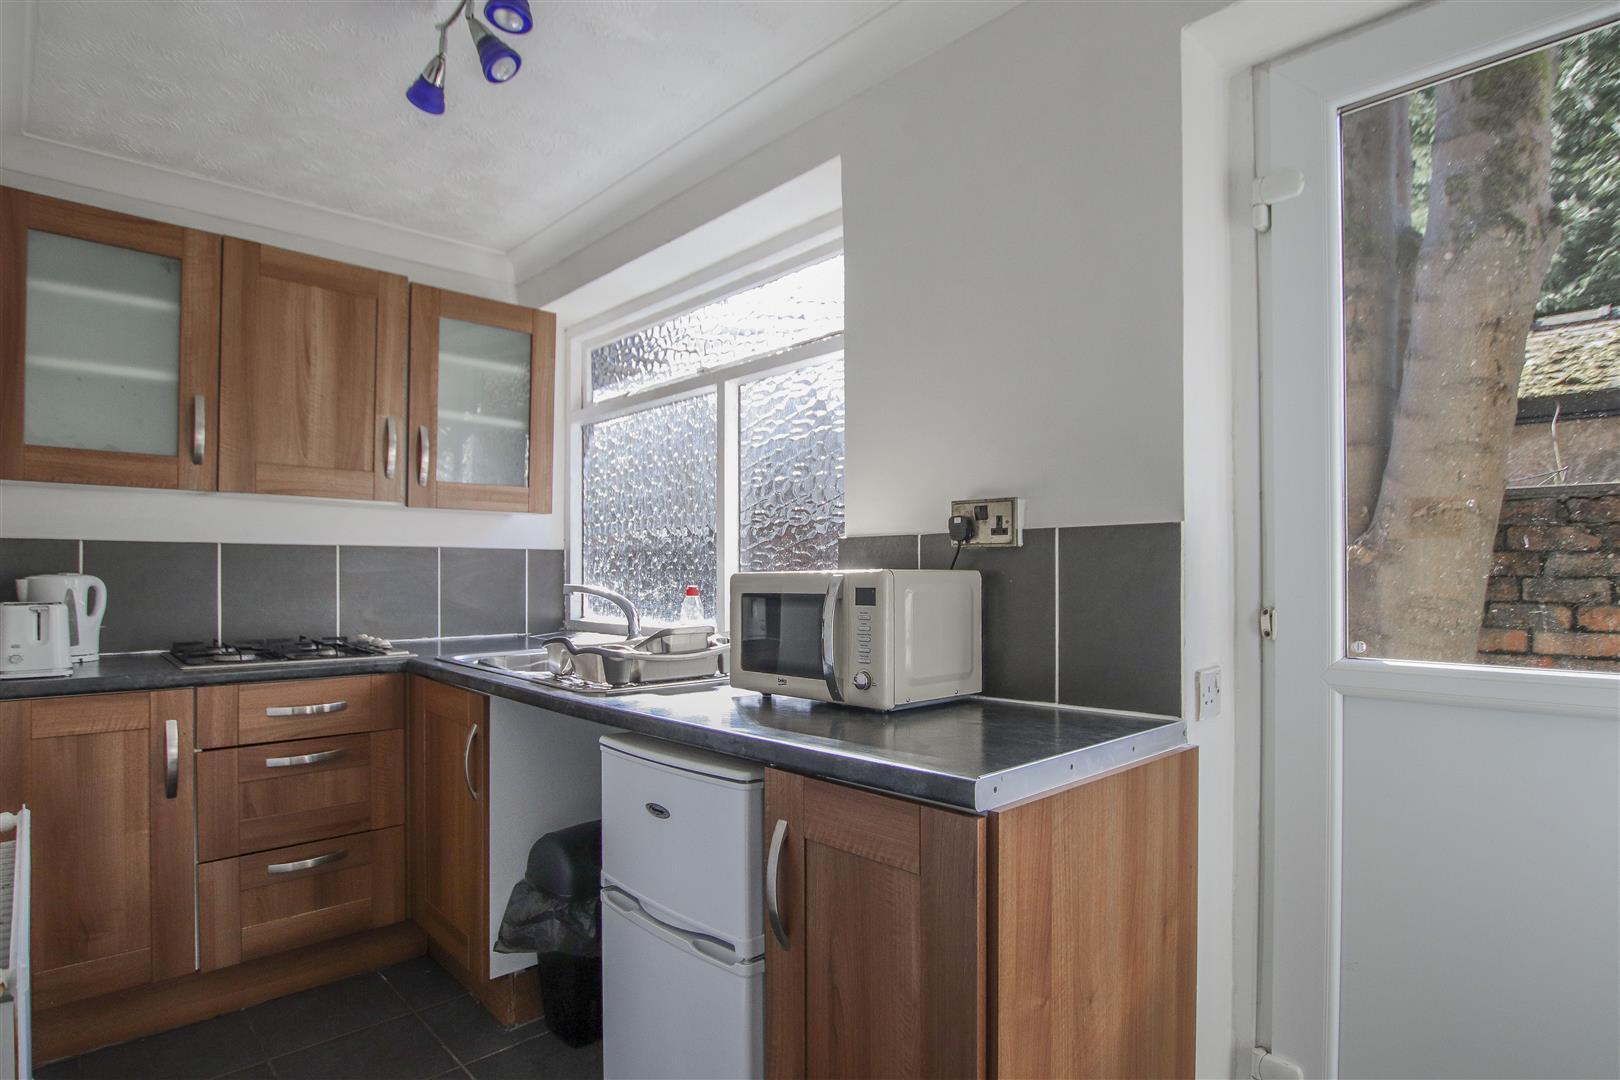 5 Bedroom Detached House For Sale - detached bungalow